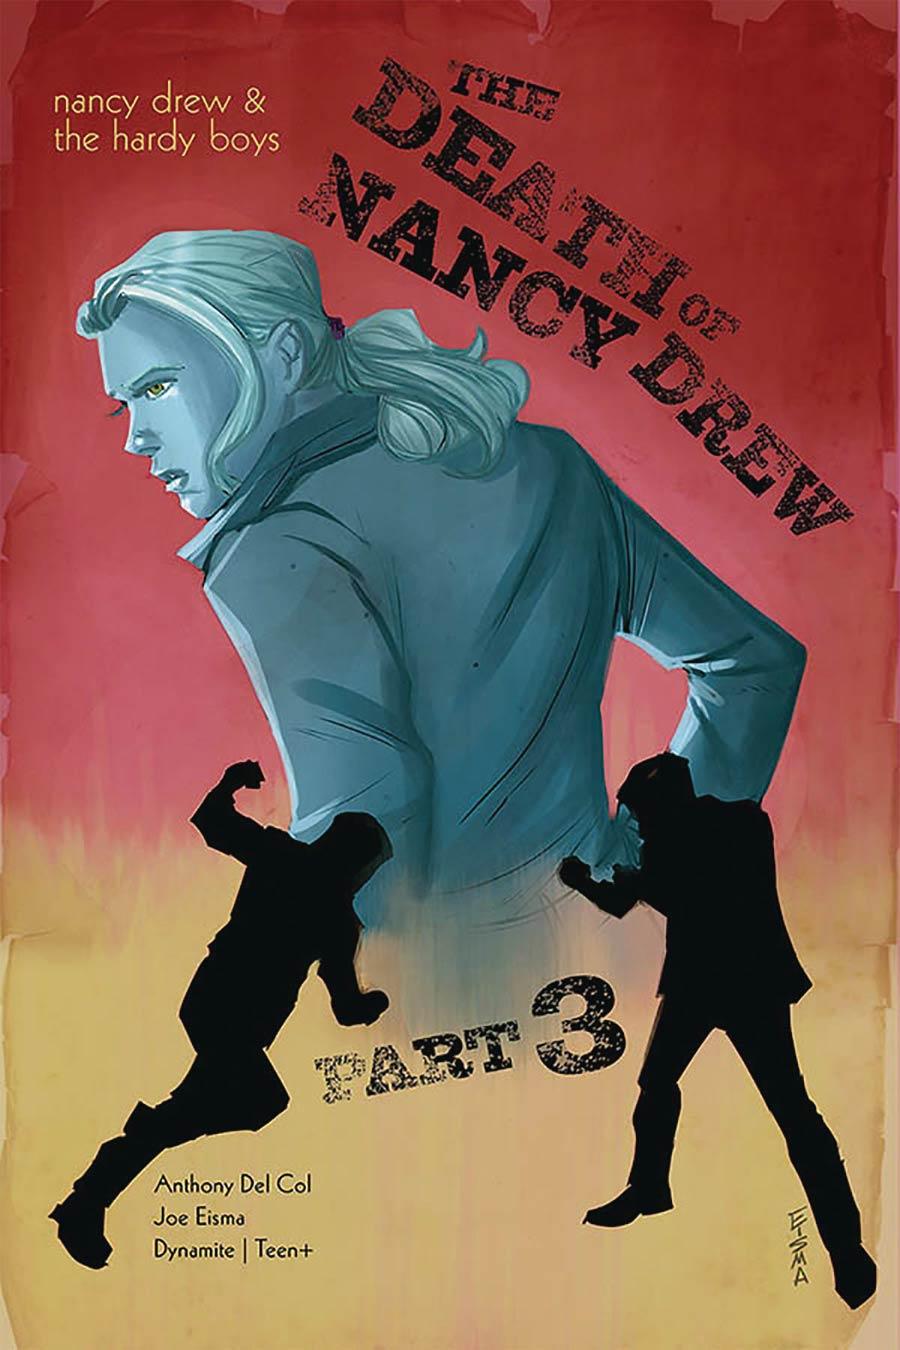 Nancy Drew & The Hardy Boys: The Death Of Nancy Drew #3 (2020)